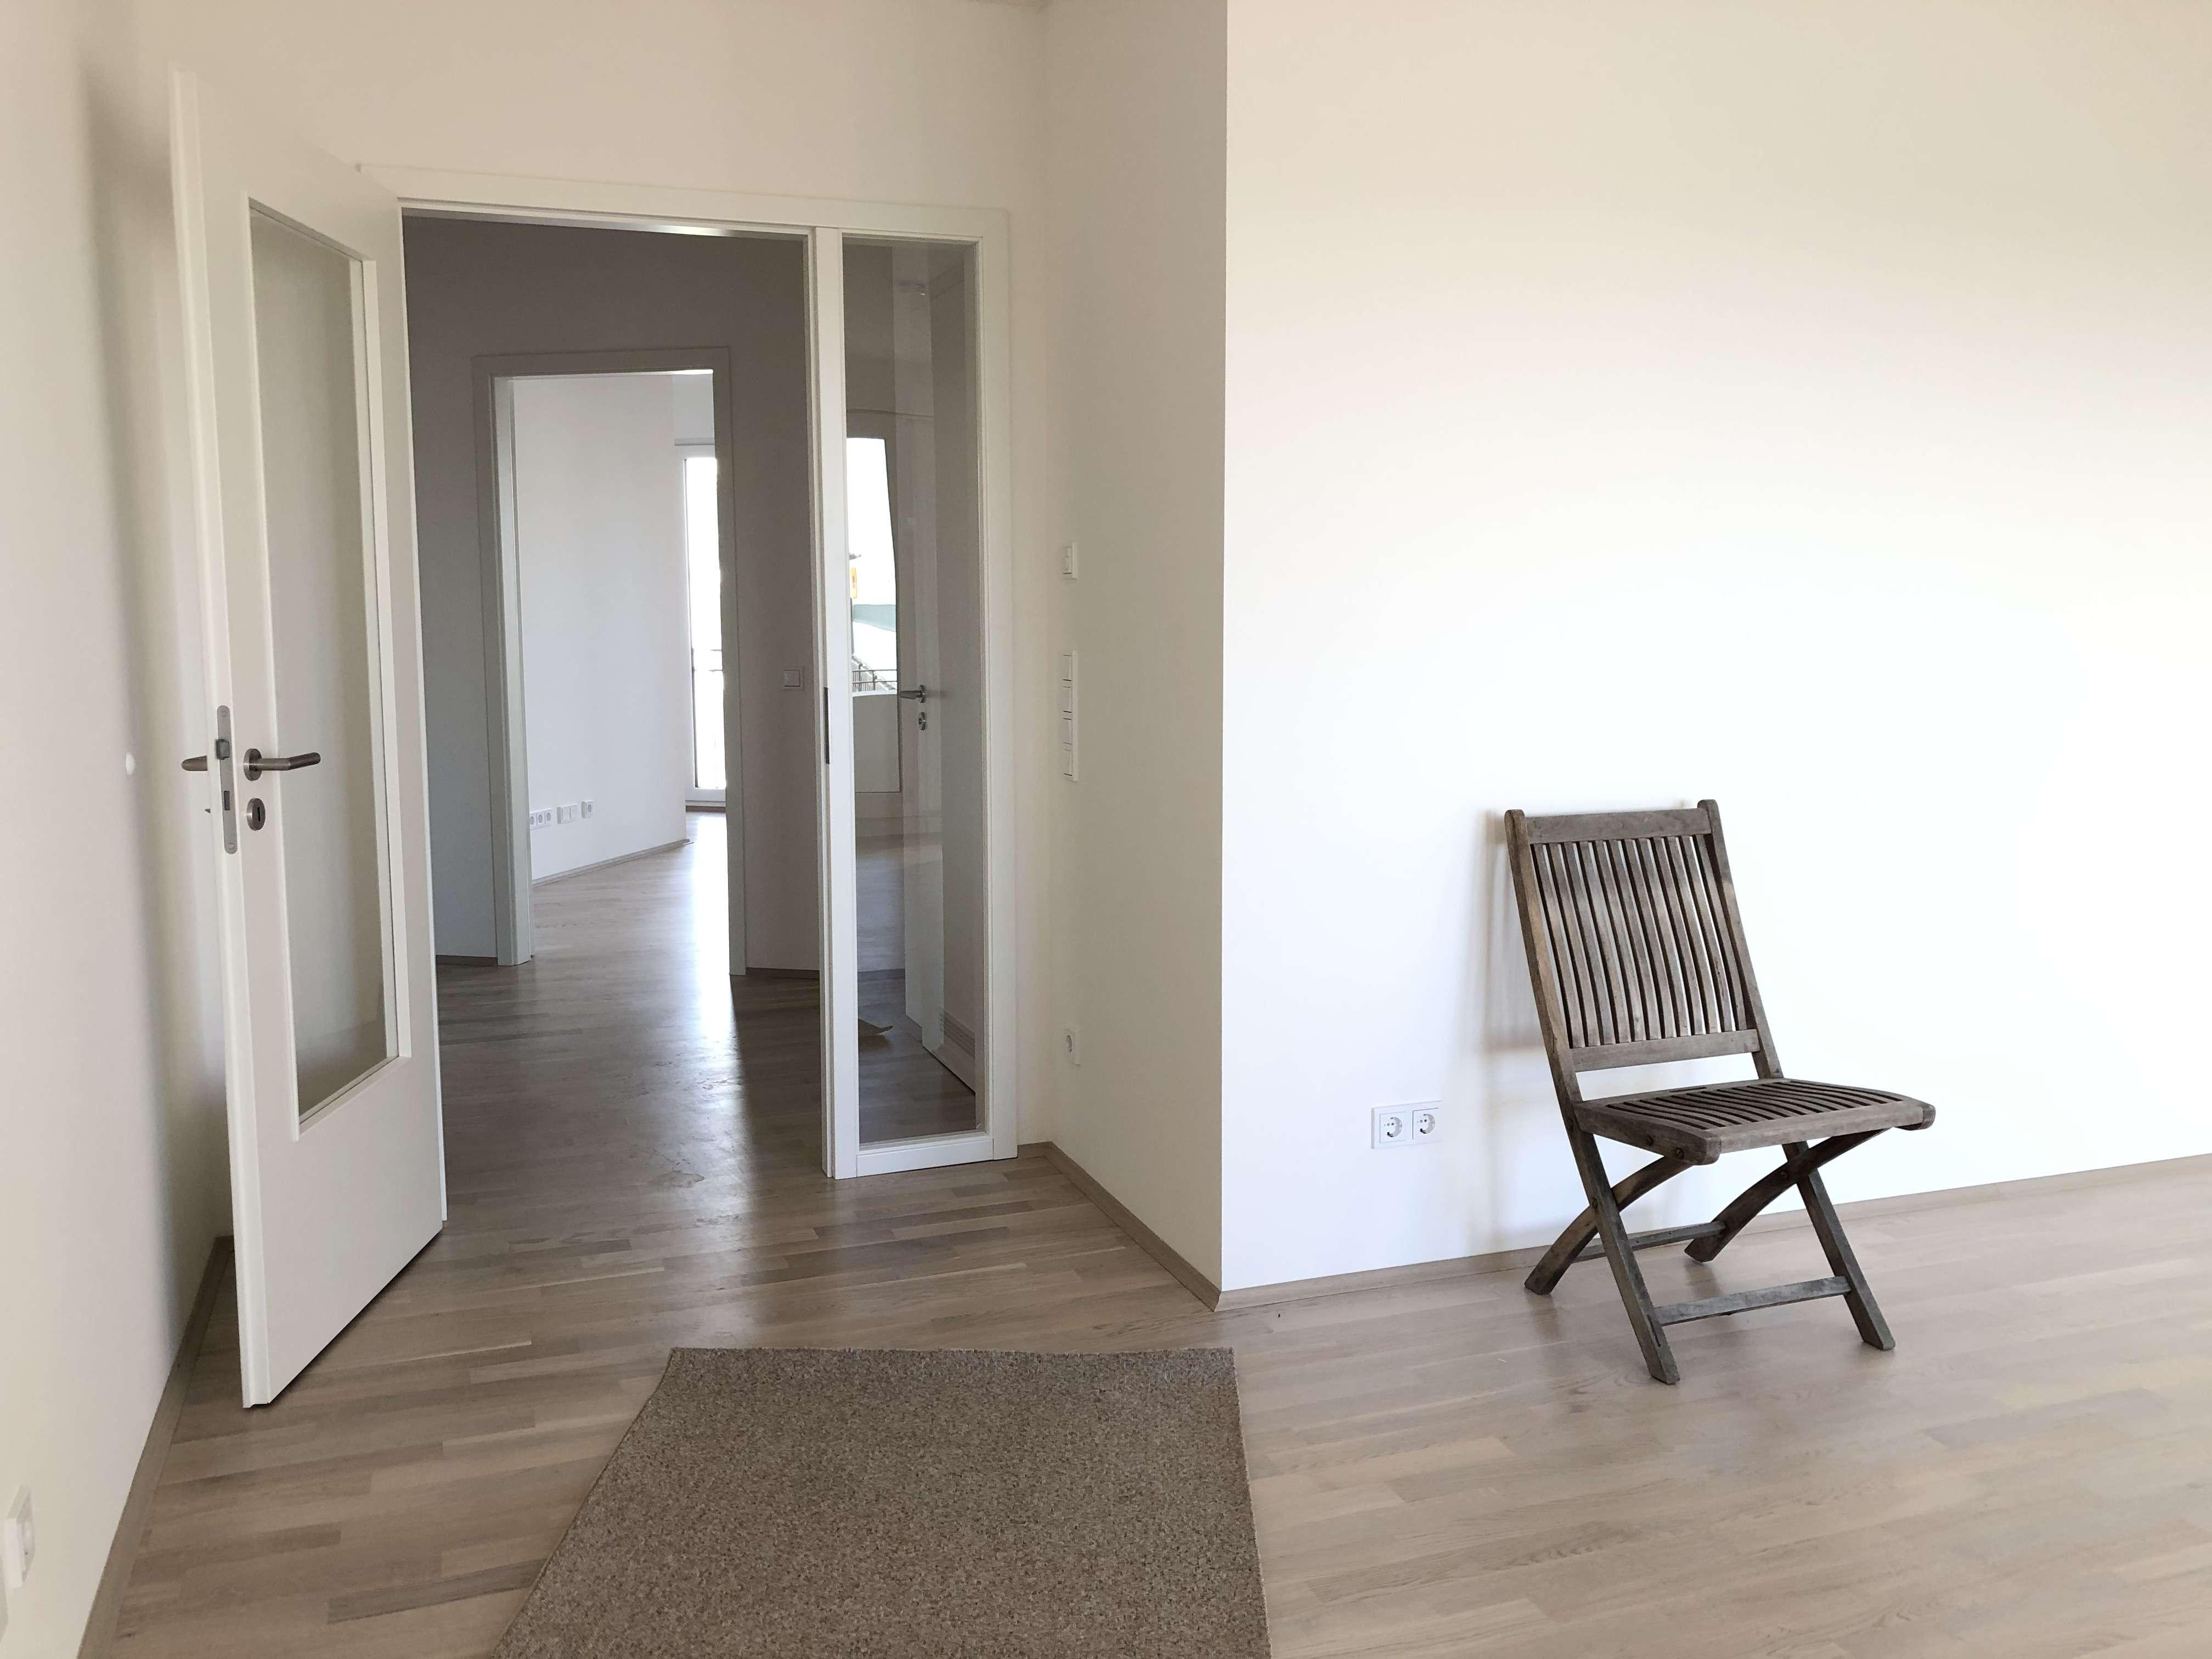 NEUAUBING ERSTBEZUG: 4-Zimmer-Wohnung mit Südloggia in Aubing (München)